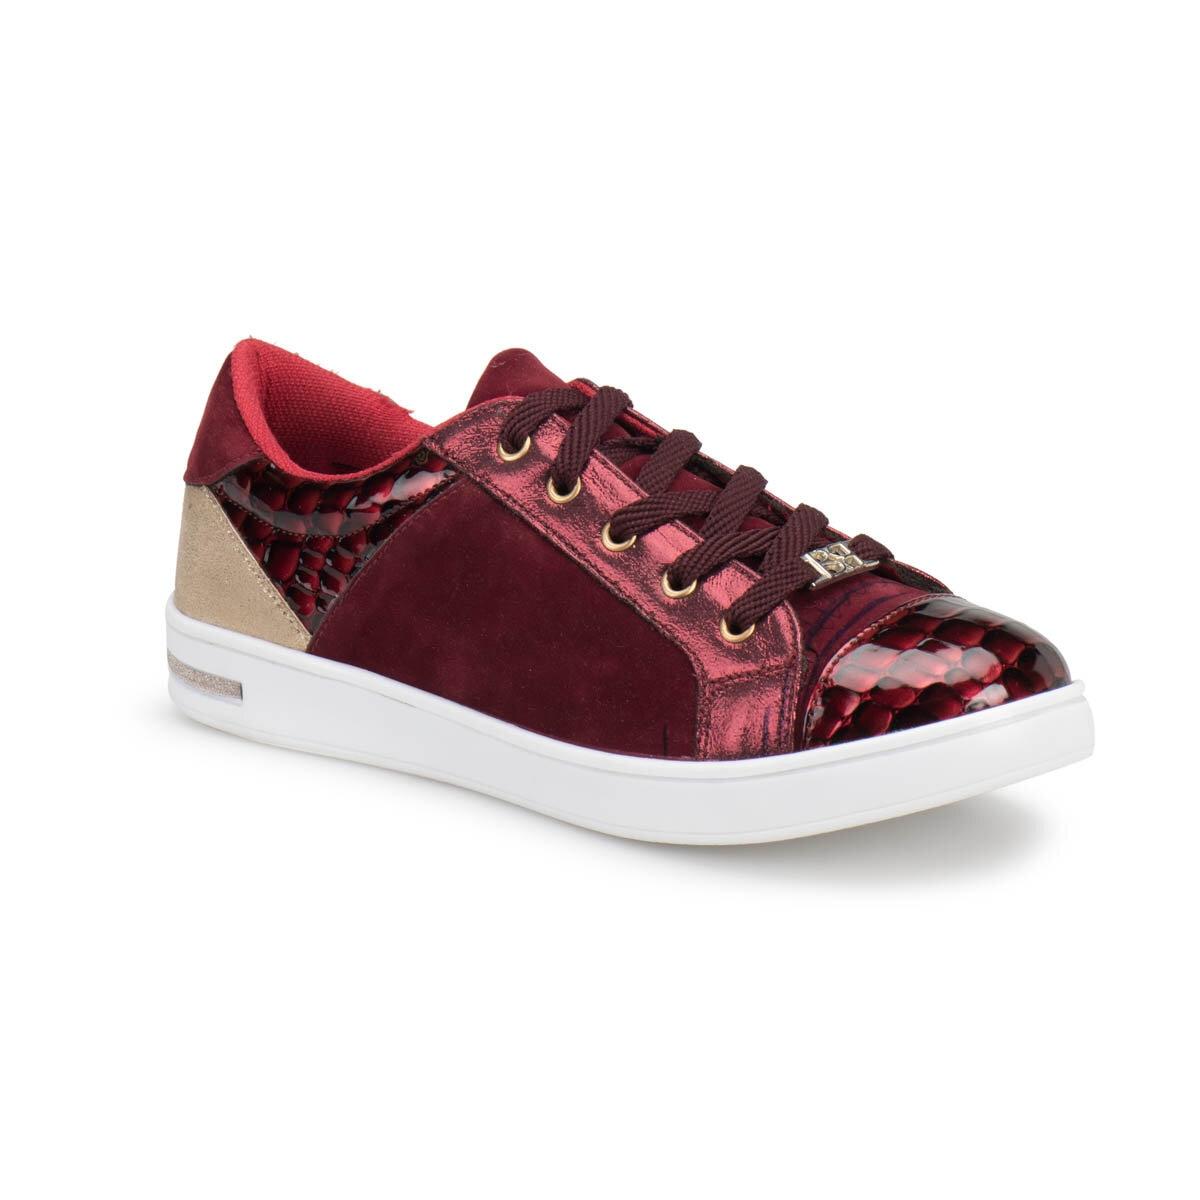 FLO Z306 Burgundy Women 'S Sneaker Shoes BUTIGO